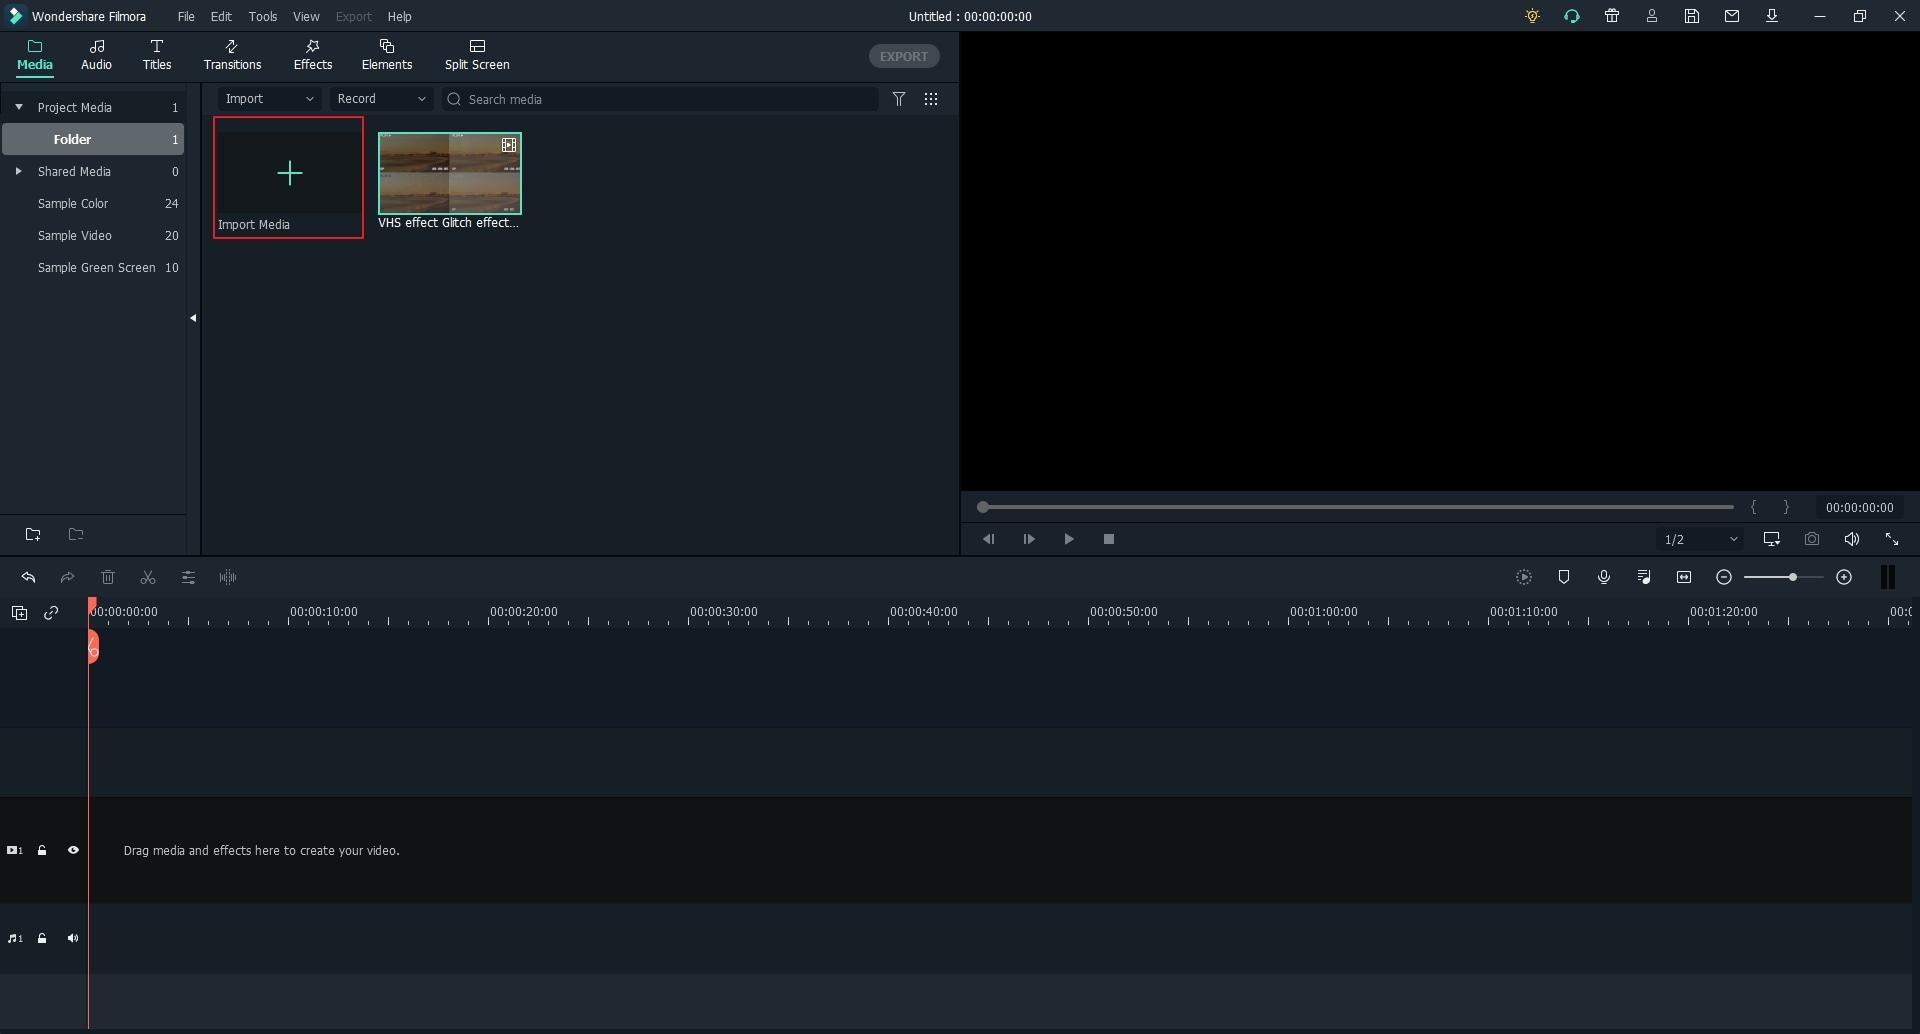 import media video files